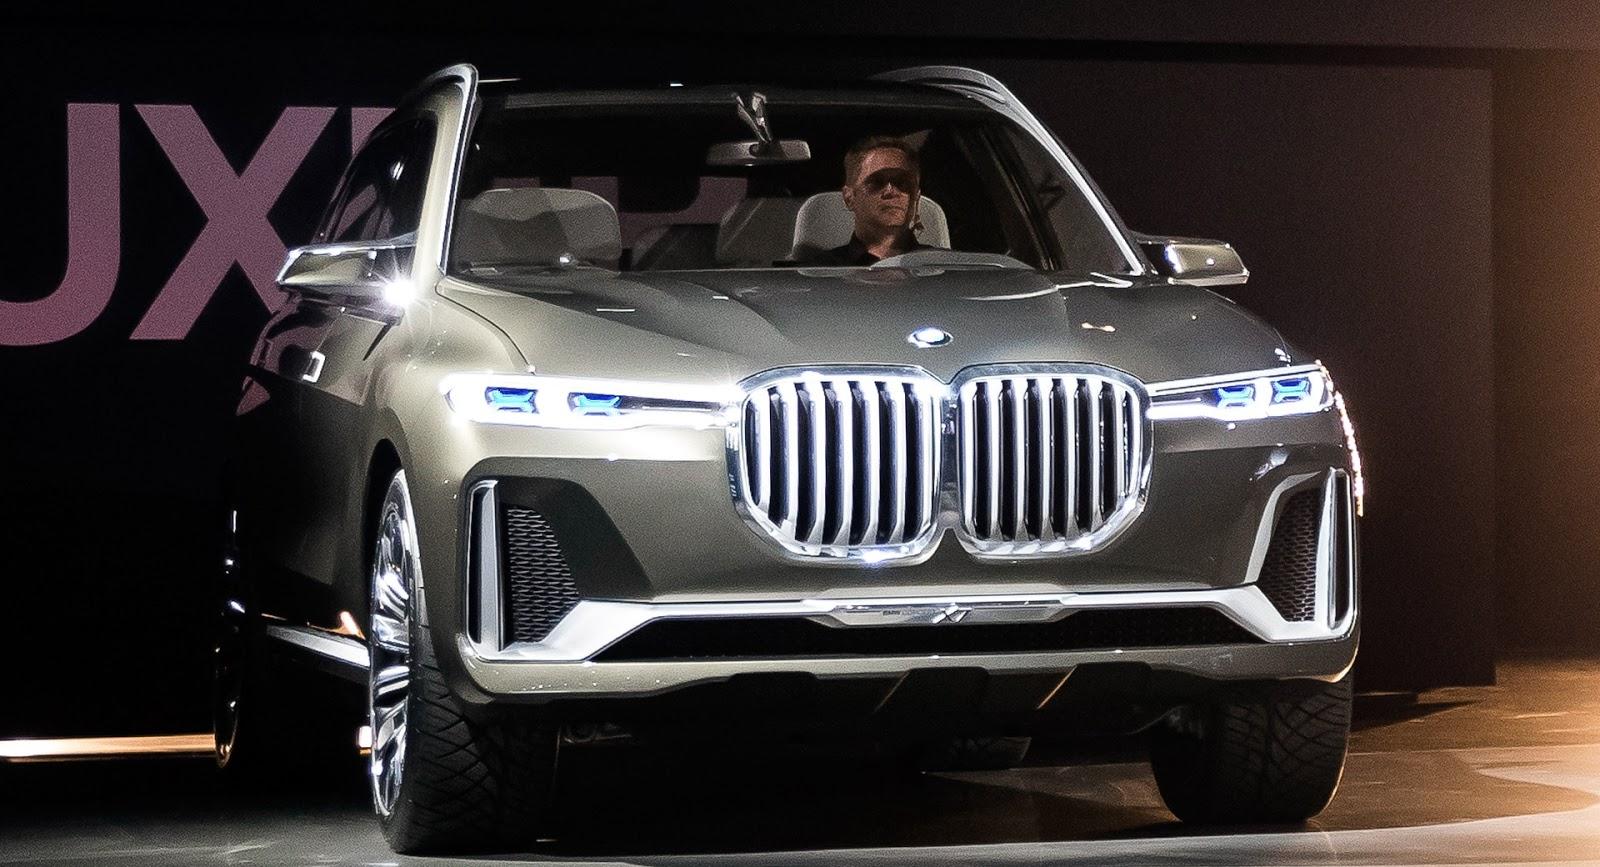 W Detroit zabrakło studyjnego modelu BMW X7